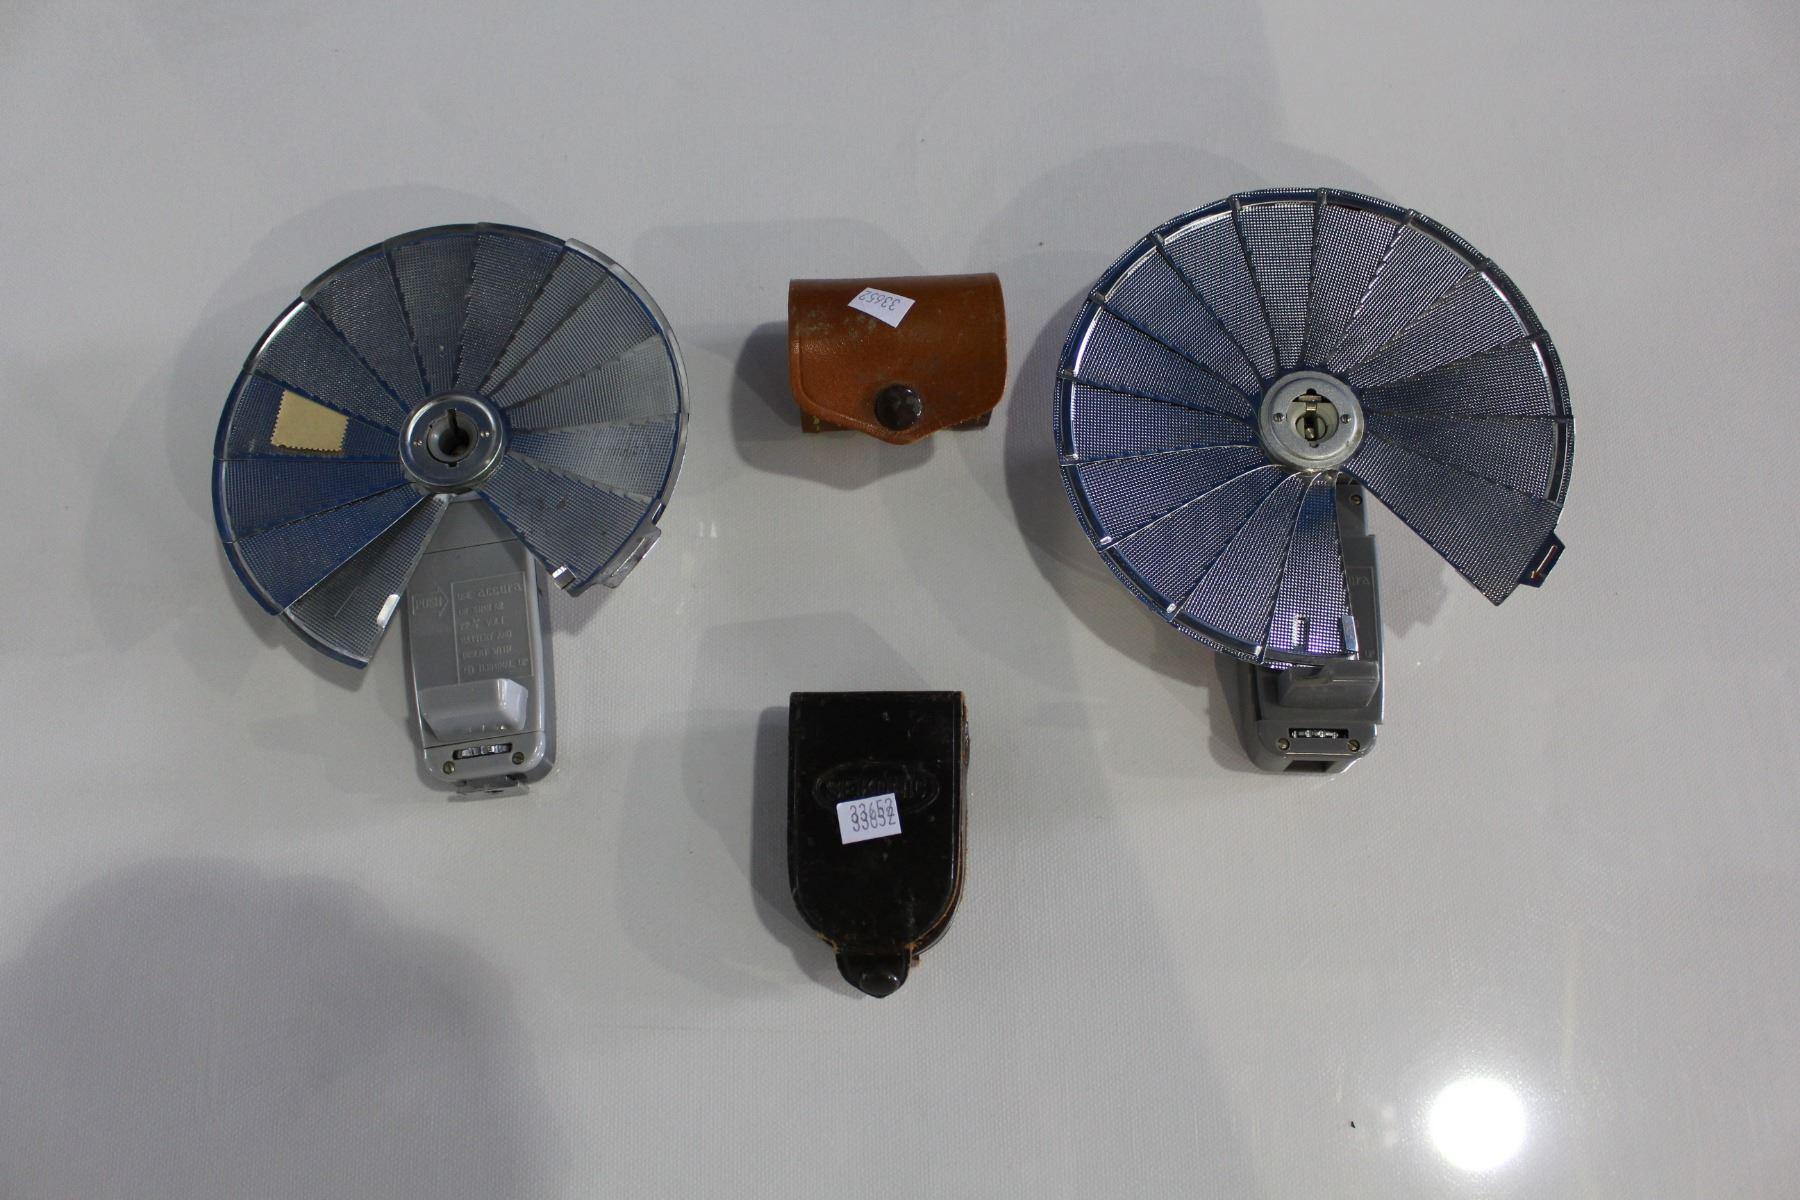 Shelf including praktica camera binoculars cufflinks and camera